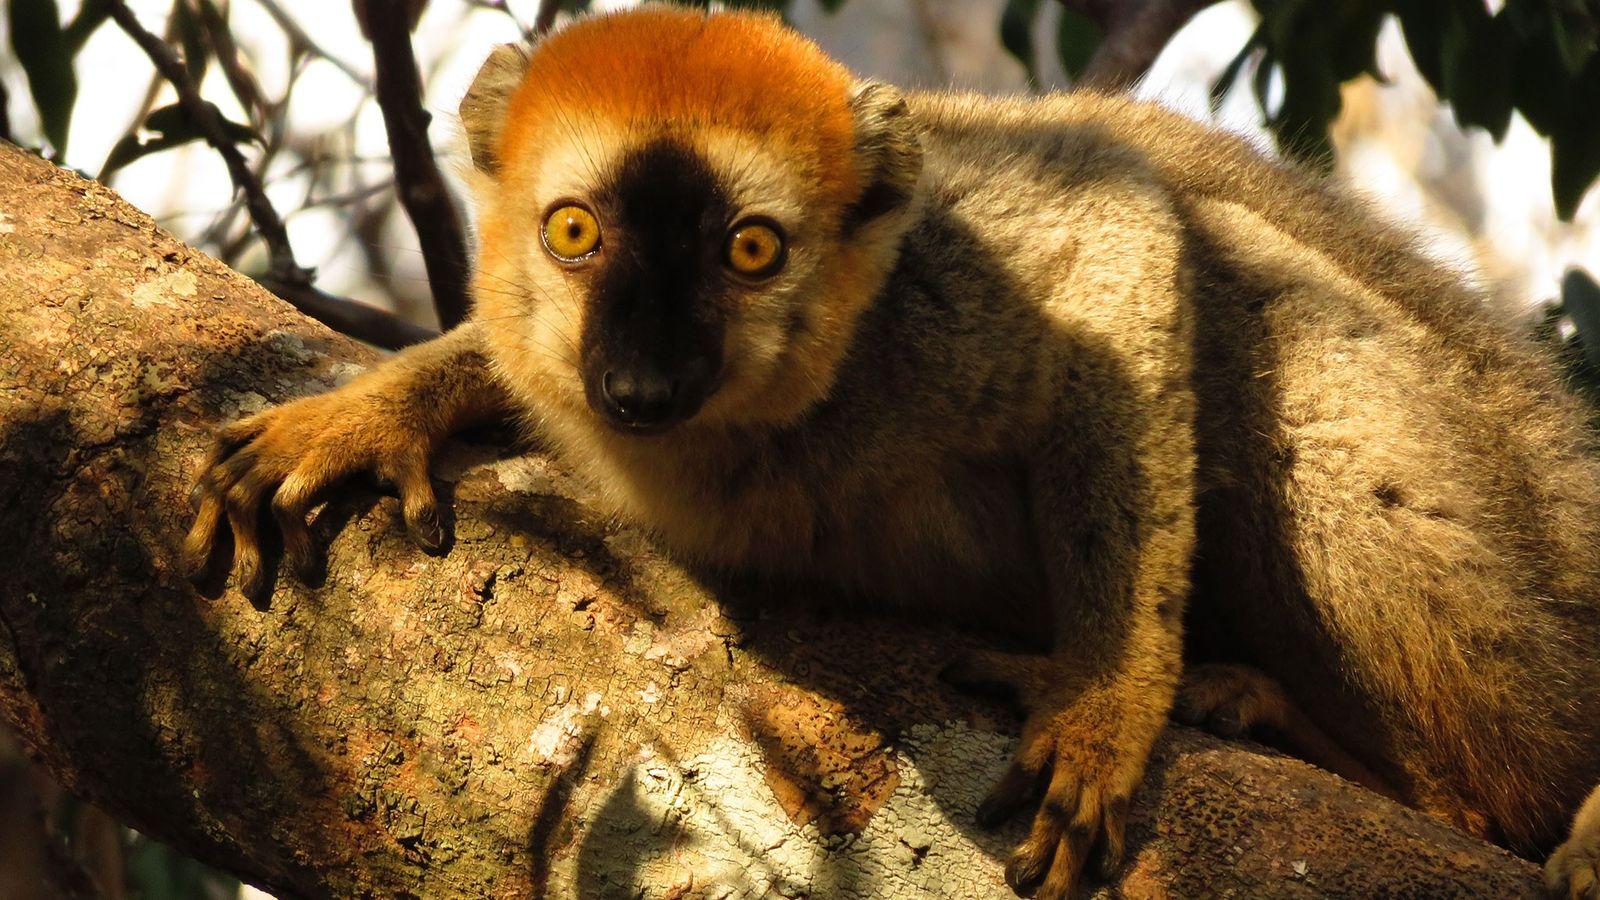 Lêmure-da-face-vermelha utiliza piolhos-de-cobra para lutar contra as parasitas, de acordo com nova pesquisa.